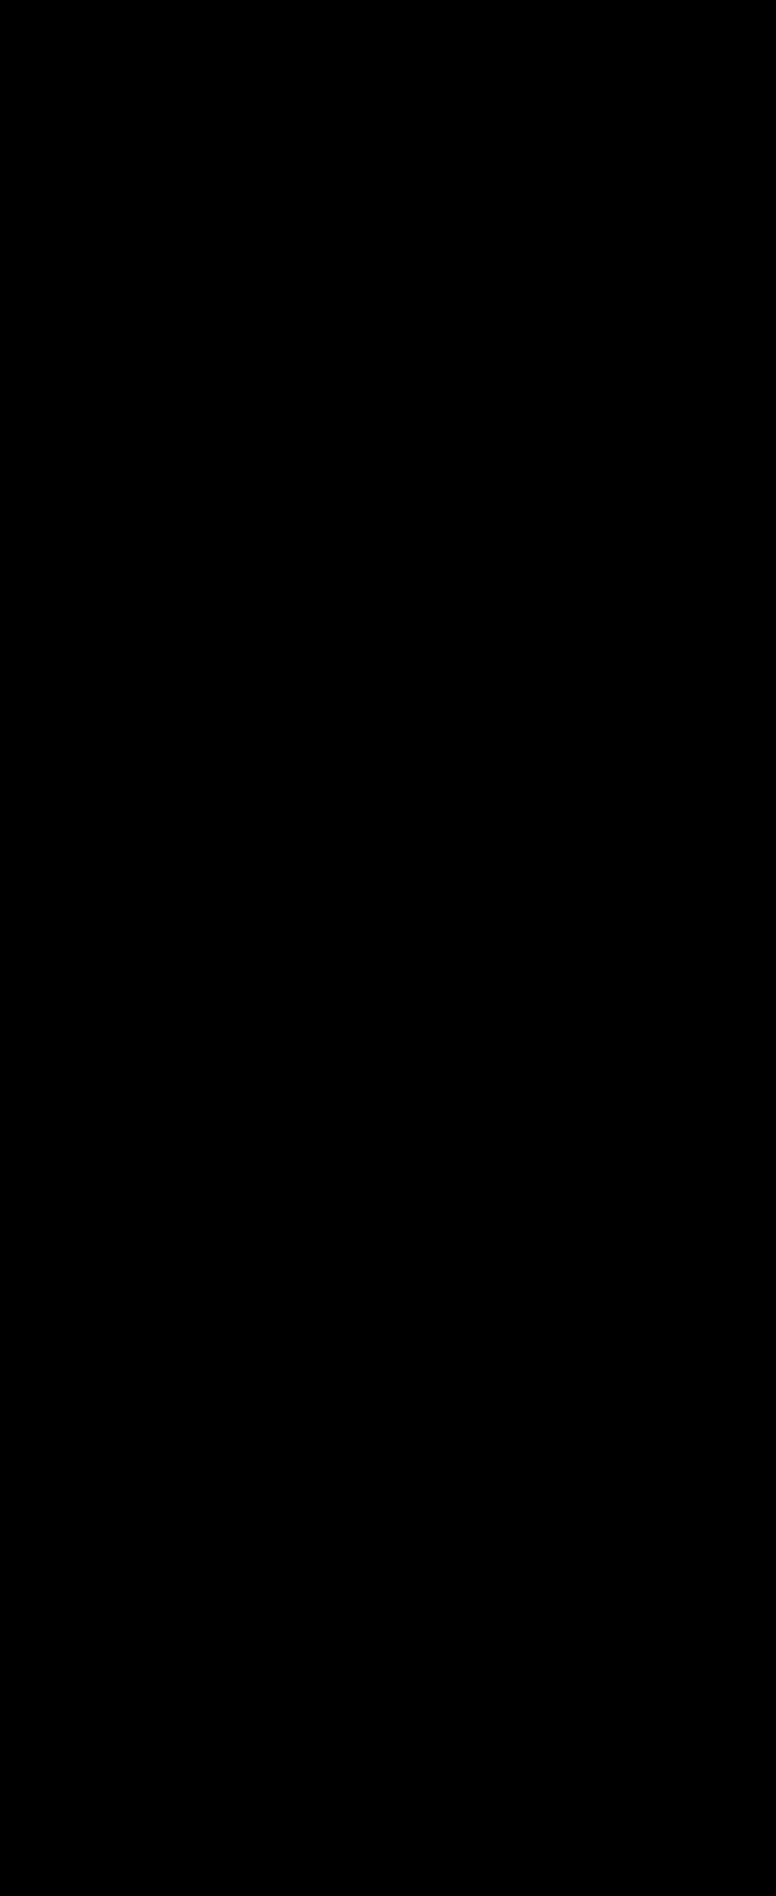 griechische landschildkr ten der stlichen unterart testudo hermanni boettgeri. Black Bedroom Furniture Sets. Home Design Ideas